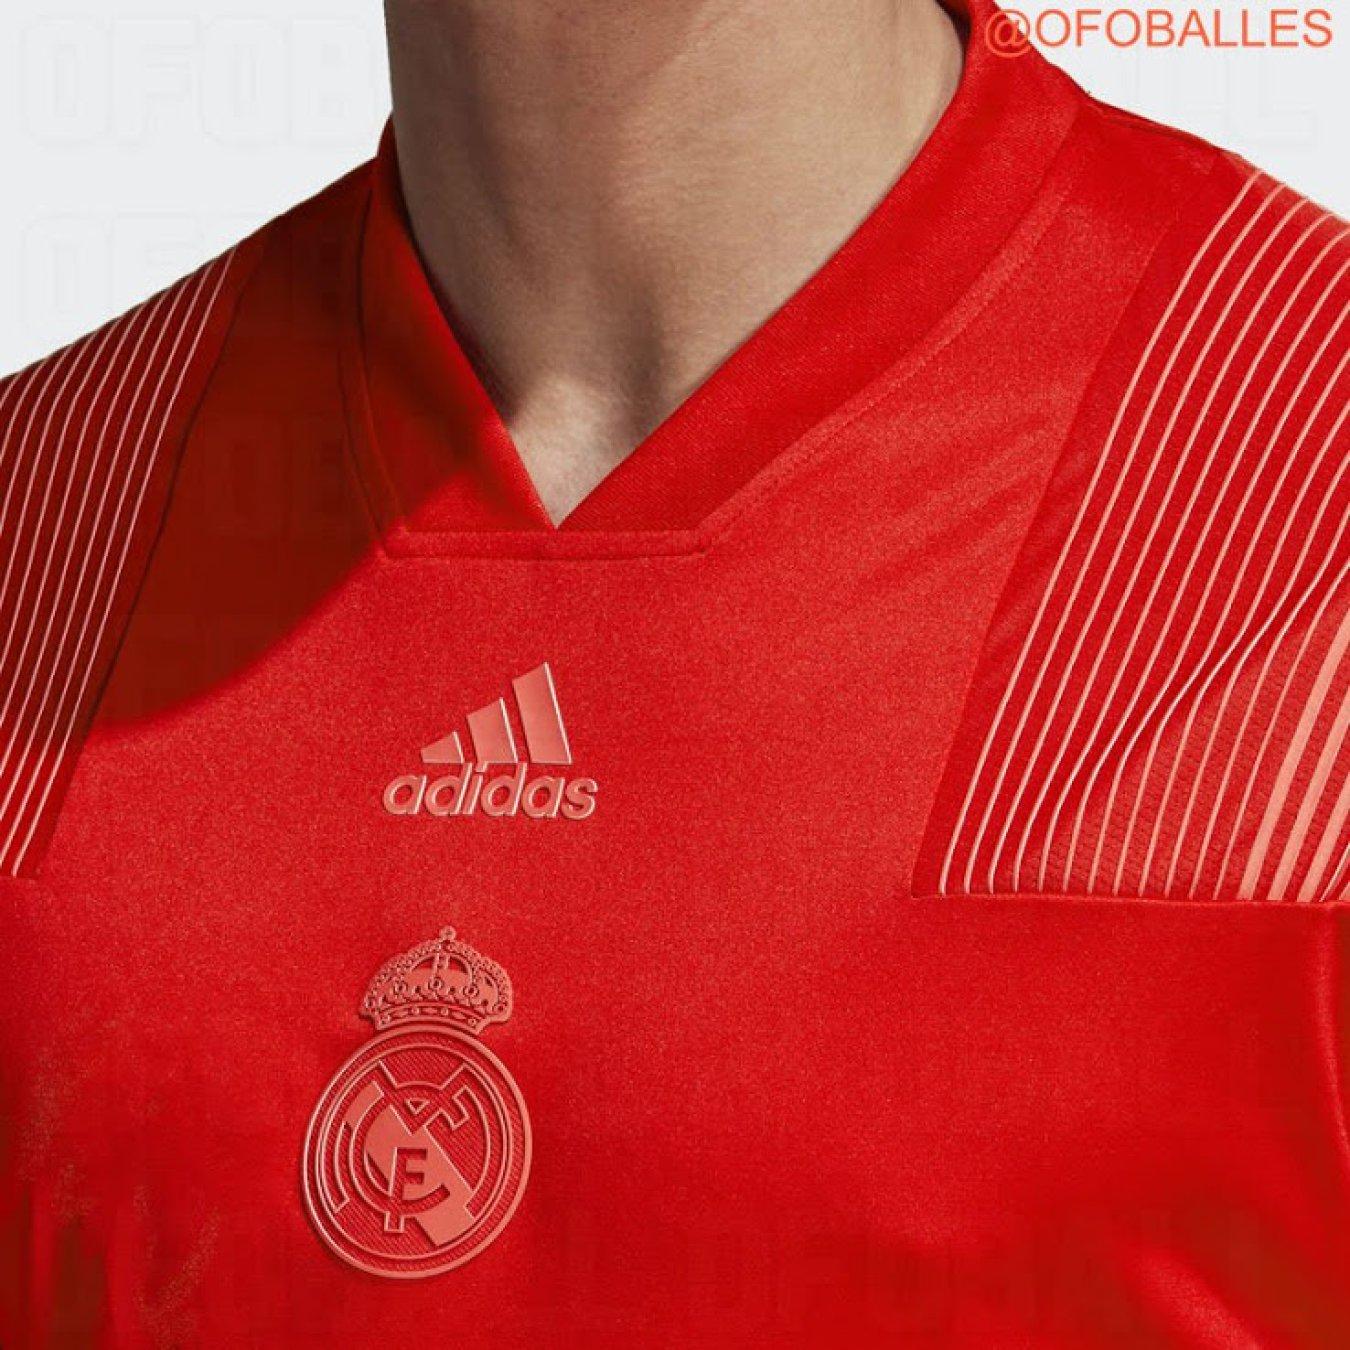 93f9fc360b9ef El Madrid vestirá de rojo en Champions la próxima campaña - AS.com